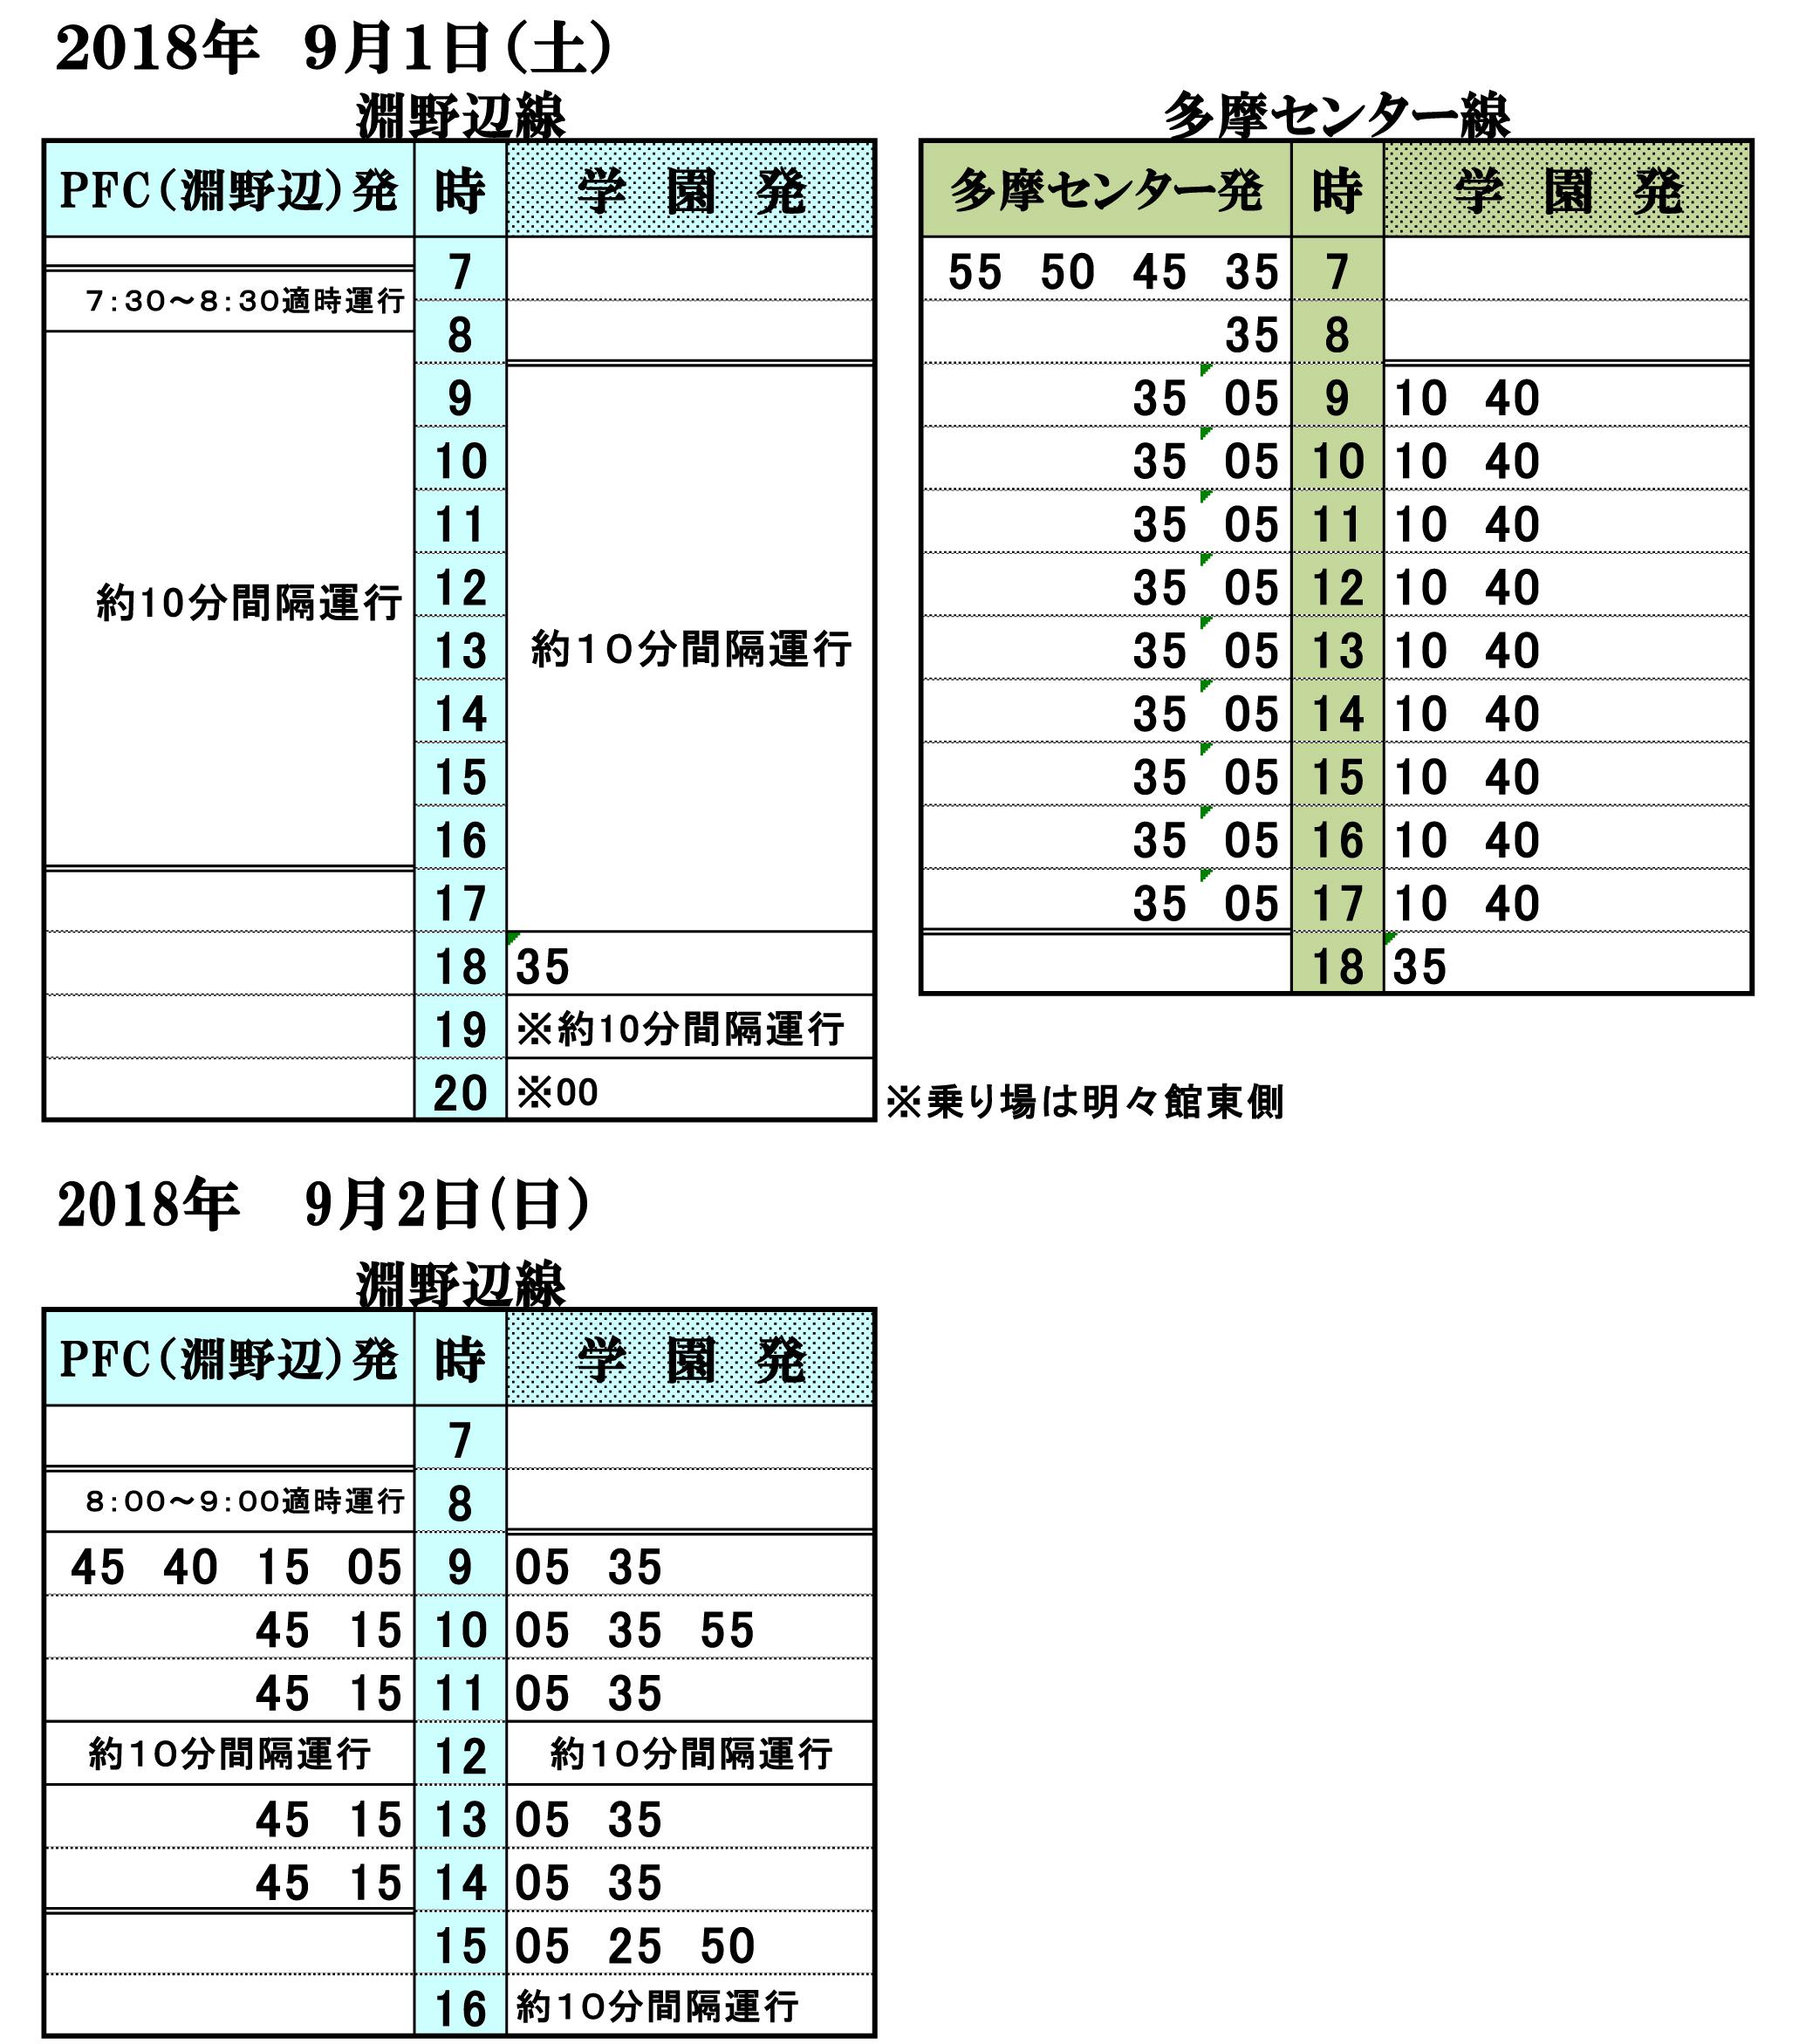 JUAM定期総会時刻表